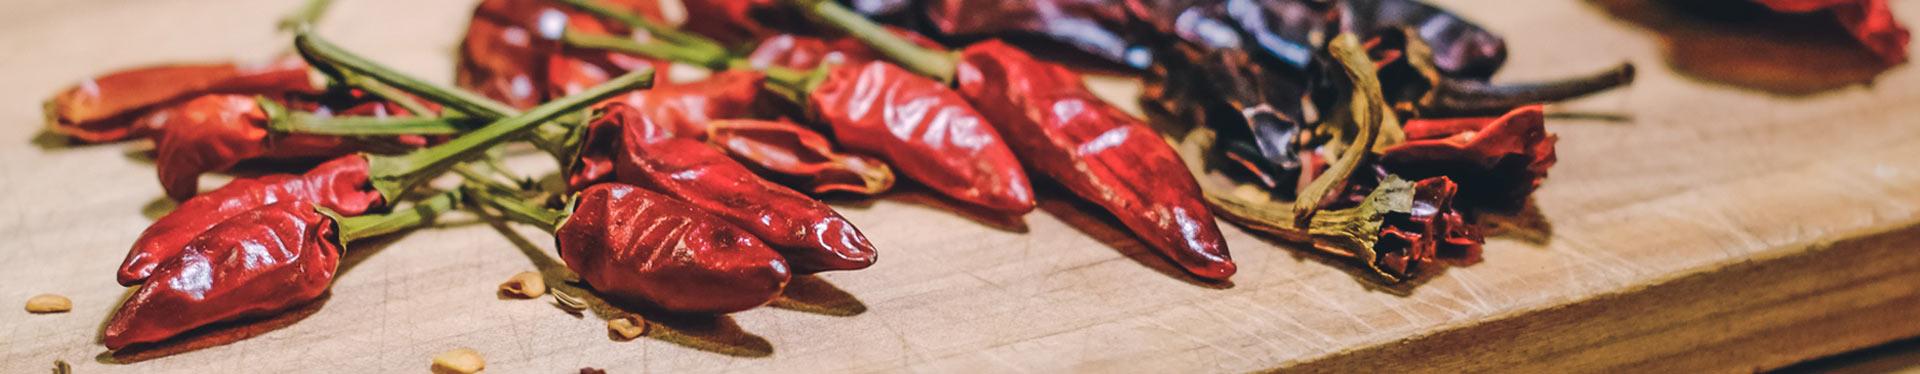 Chiligewürz: Chilipulver & Chilischoten